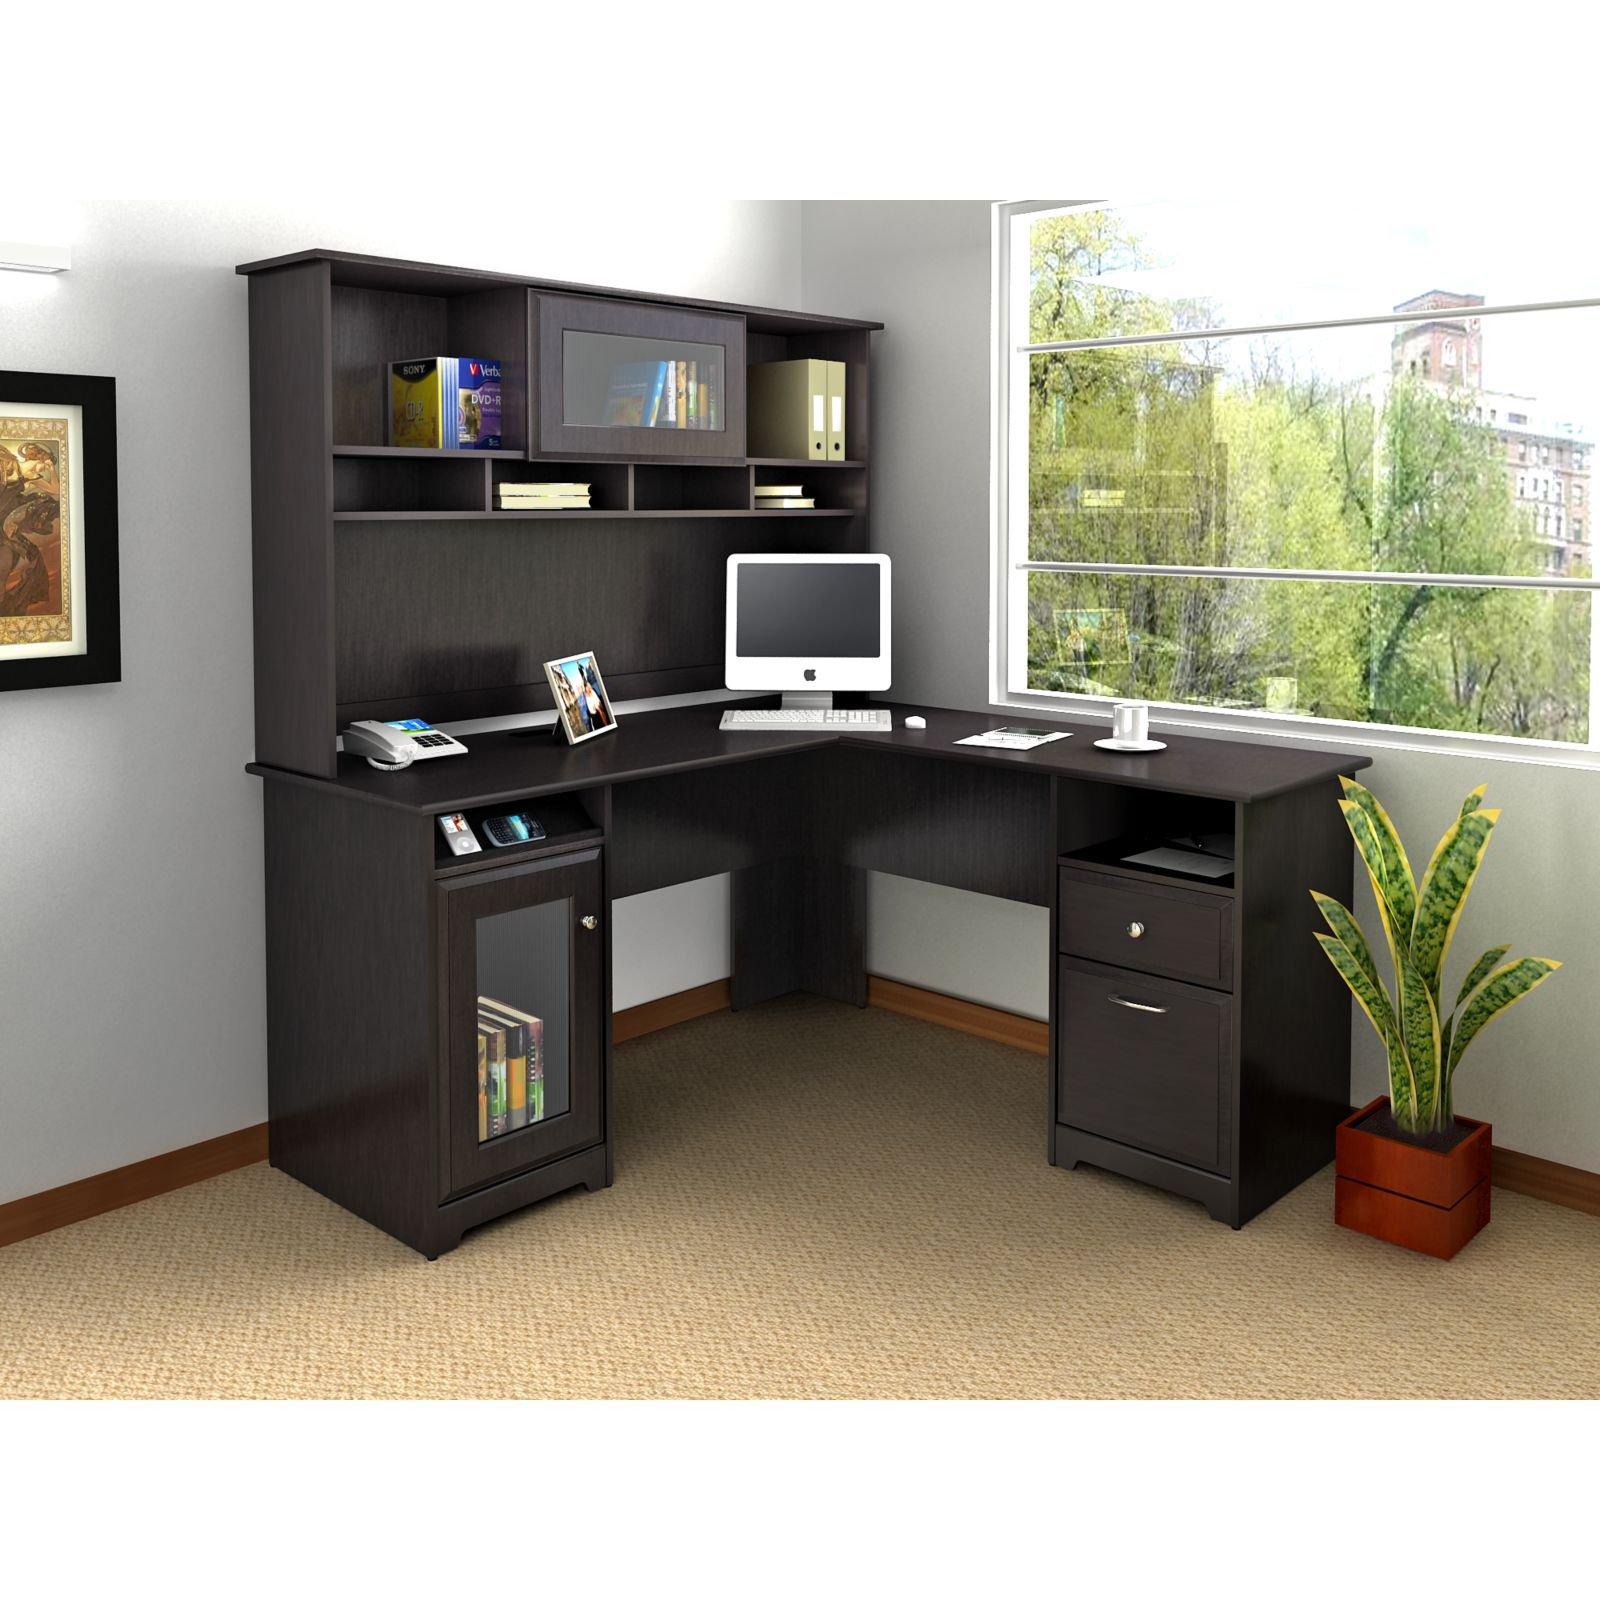 L shaped desk bush cabot l-shaped desk with optional hutch - desks at hayneedle XKHTLQB